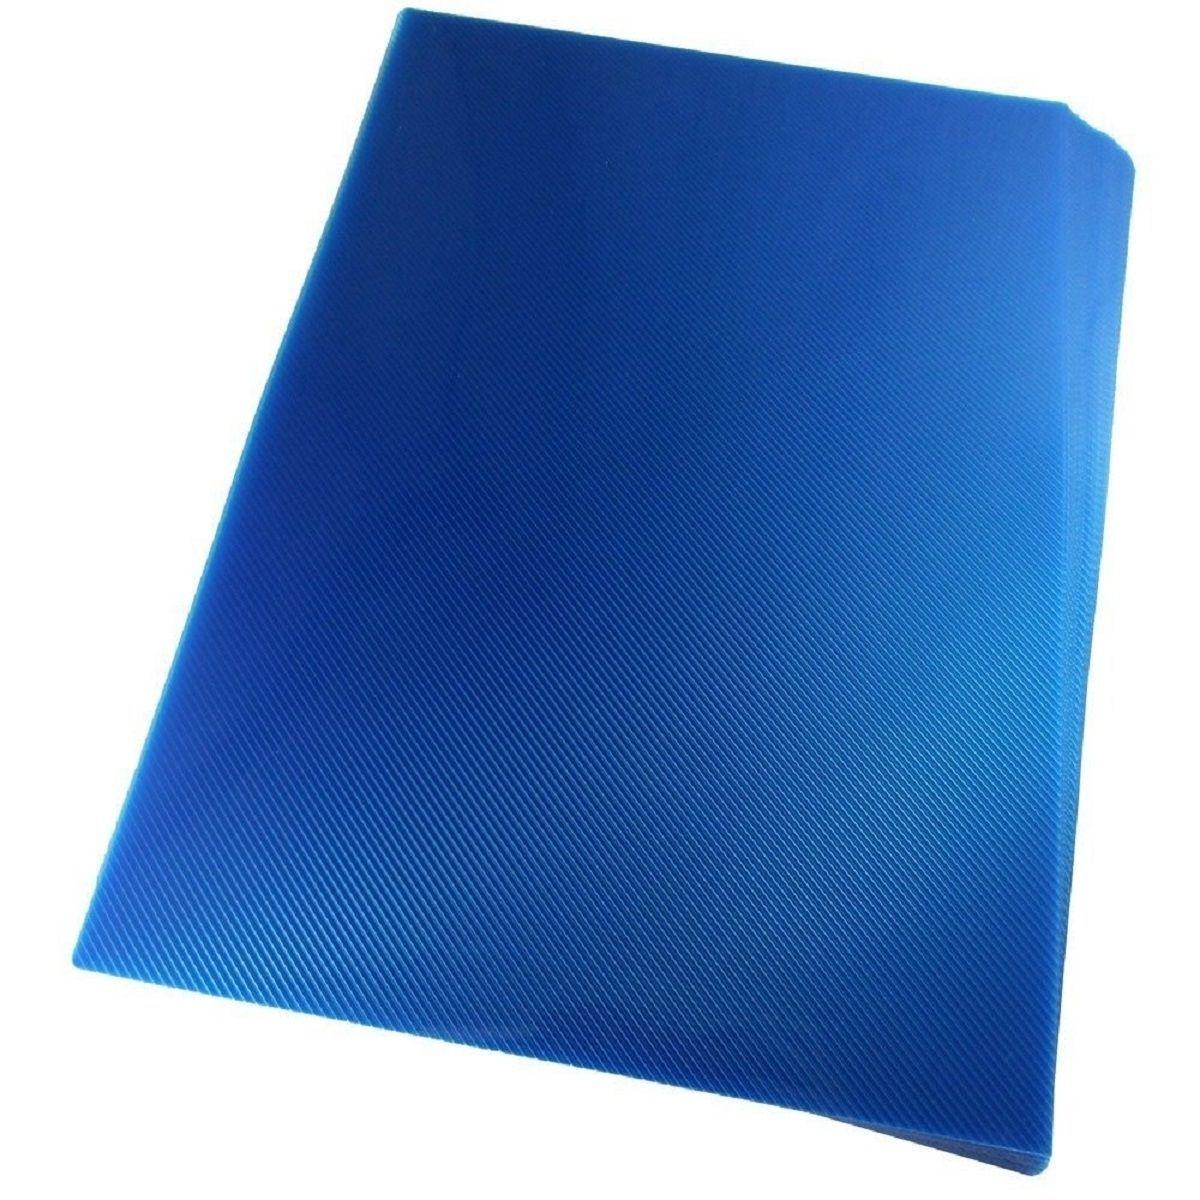 Capa para Encadernação PP 0,30mm Oficio Azul Line (Frente) - Pacote com 100 unidades  - Click Suprimentos